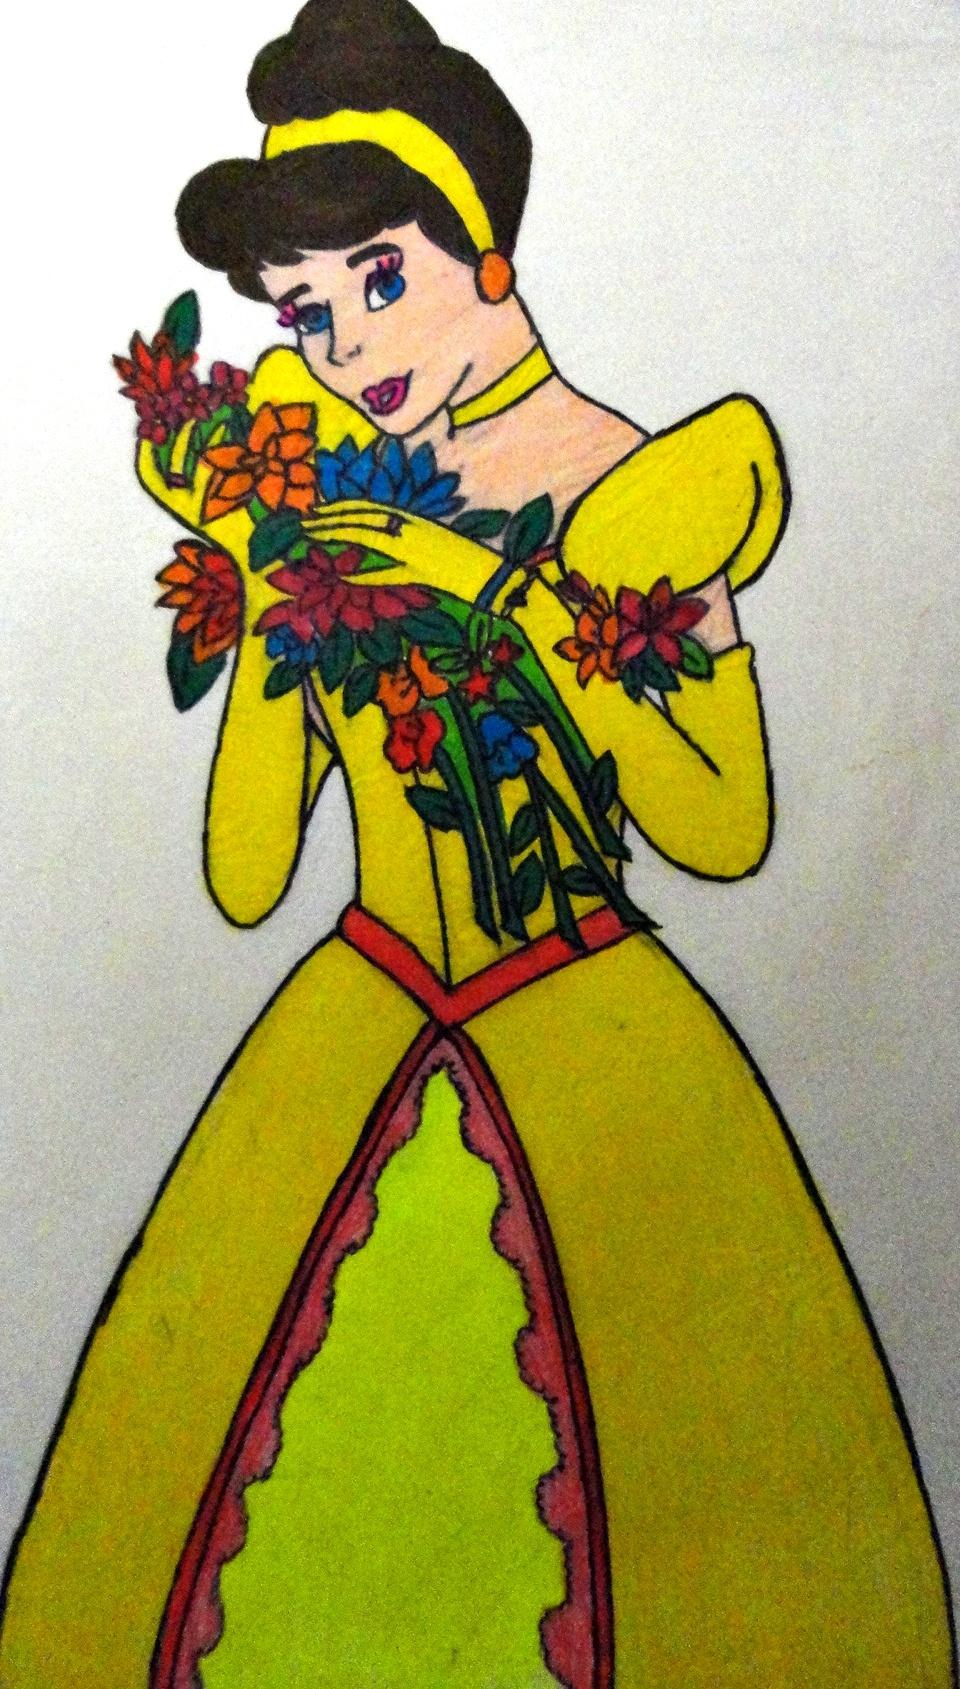 Princesa Desenho Animado Princess Cartoon By Tex And Tathy